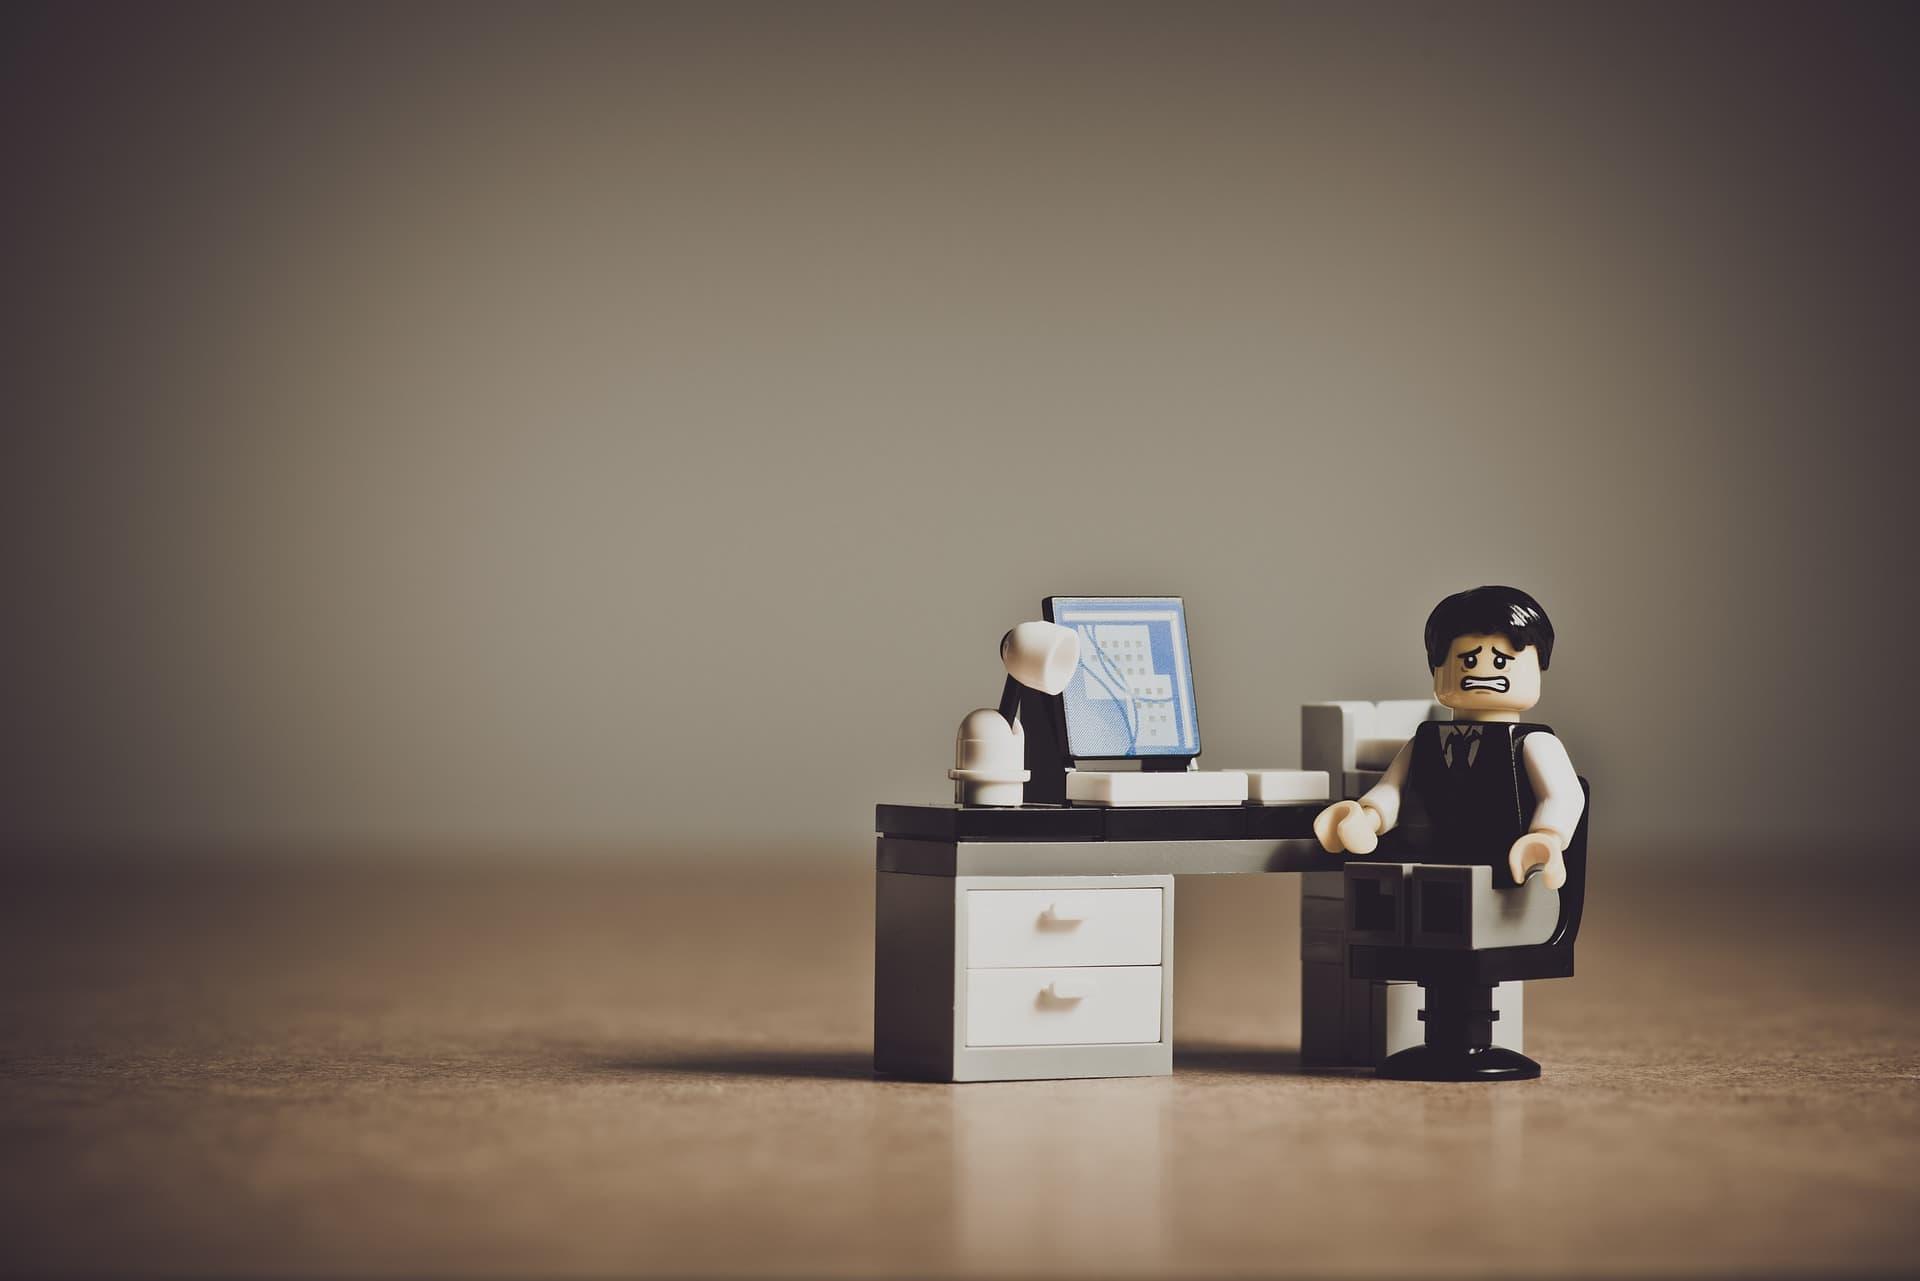 Case study mojegobloga - rozczarowany ludzik lego